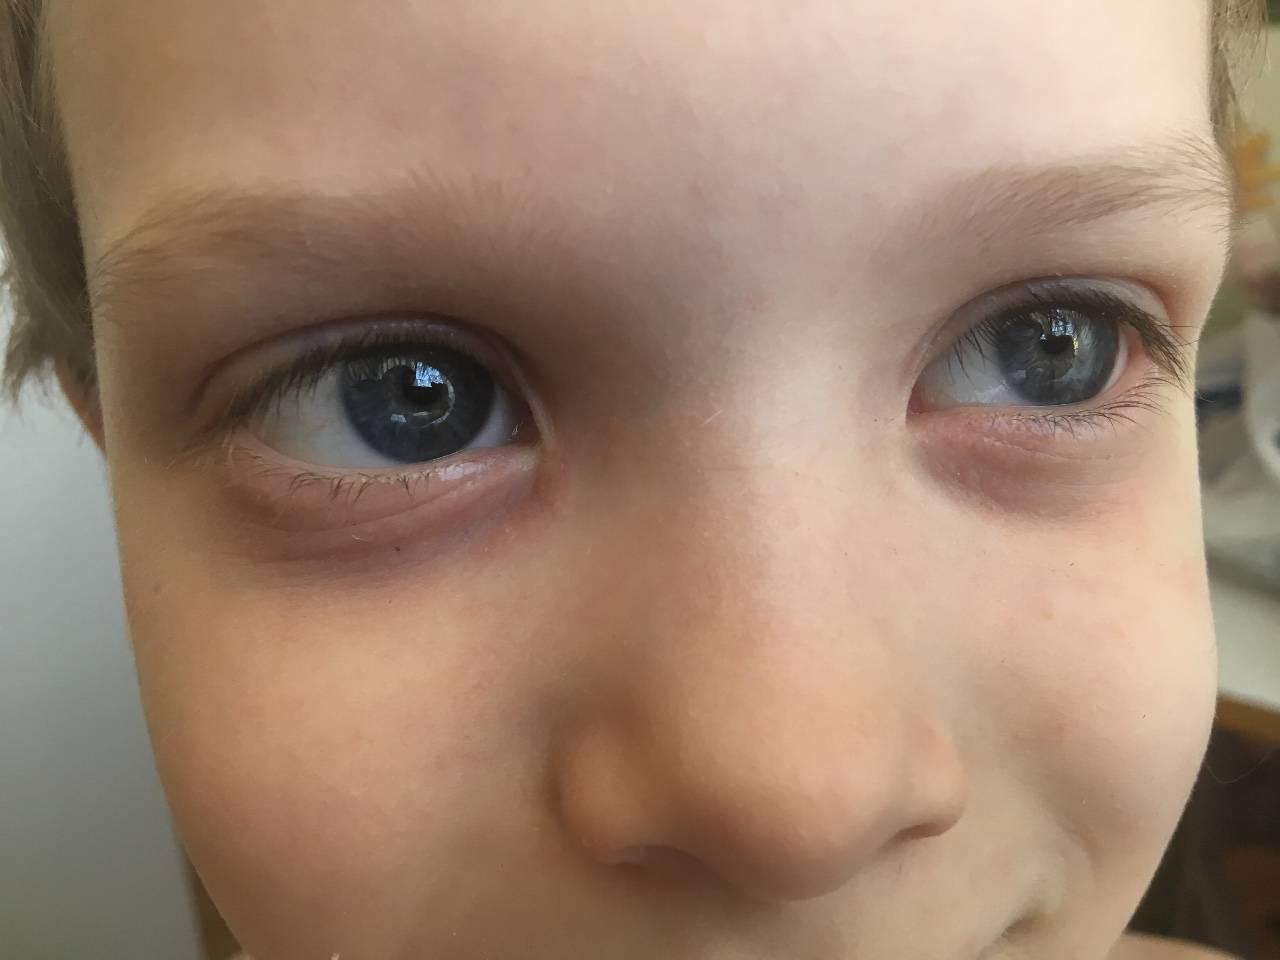 Красные круги под глазами у ребенка: причины появления и методы избавления от проблемы